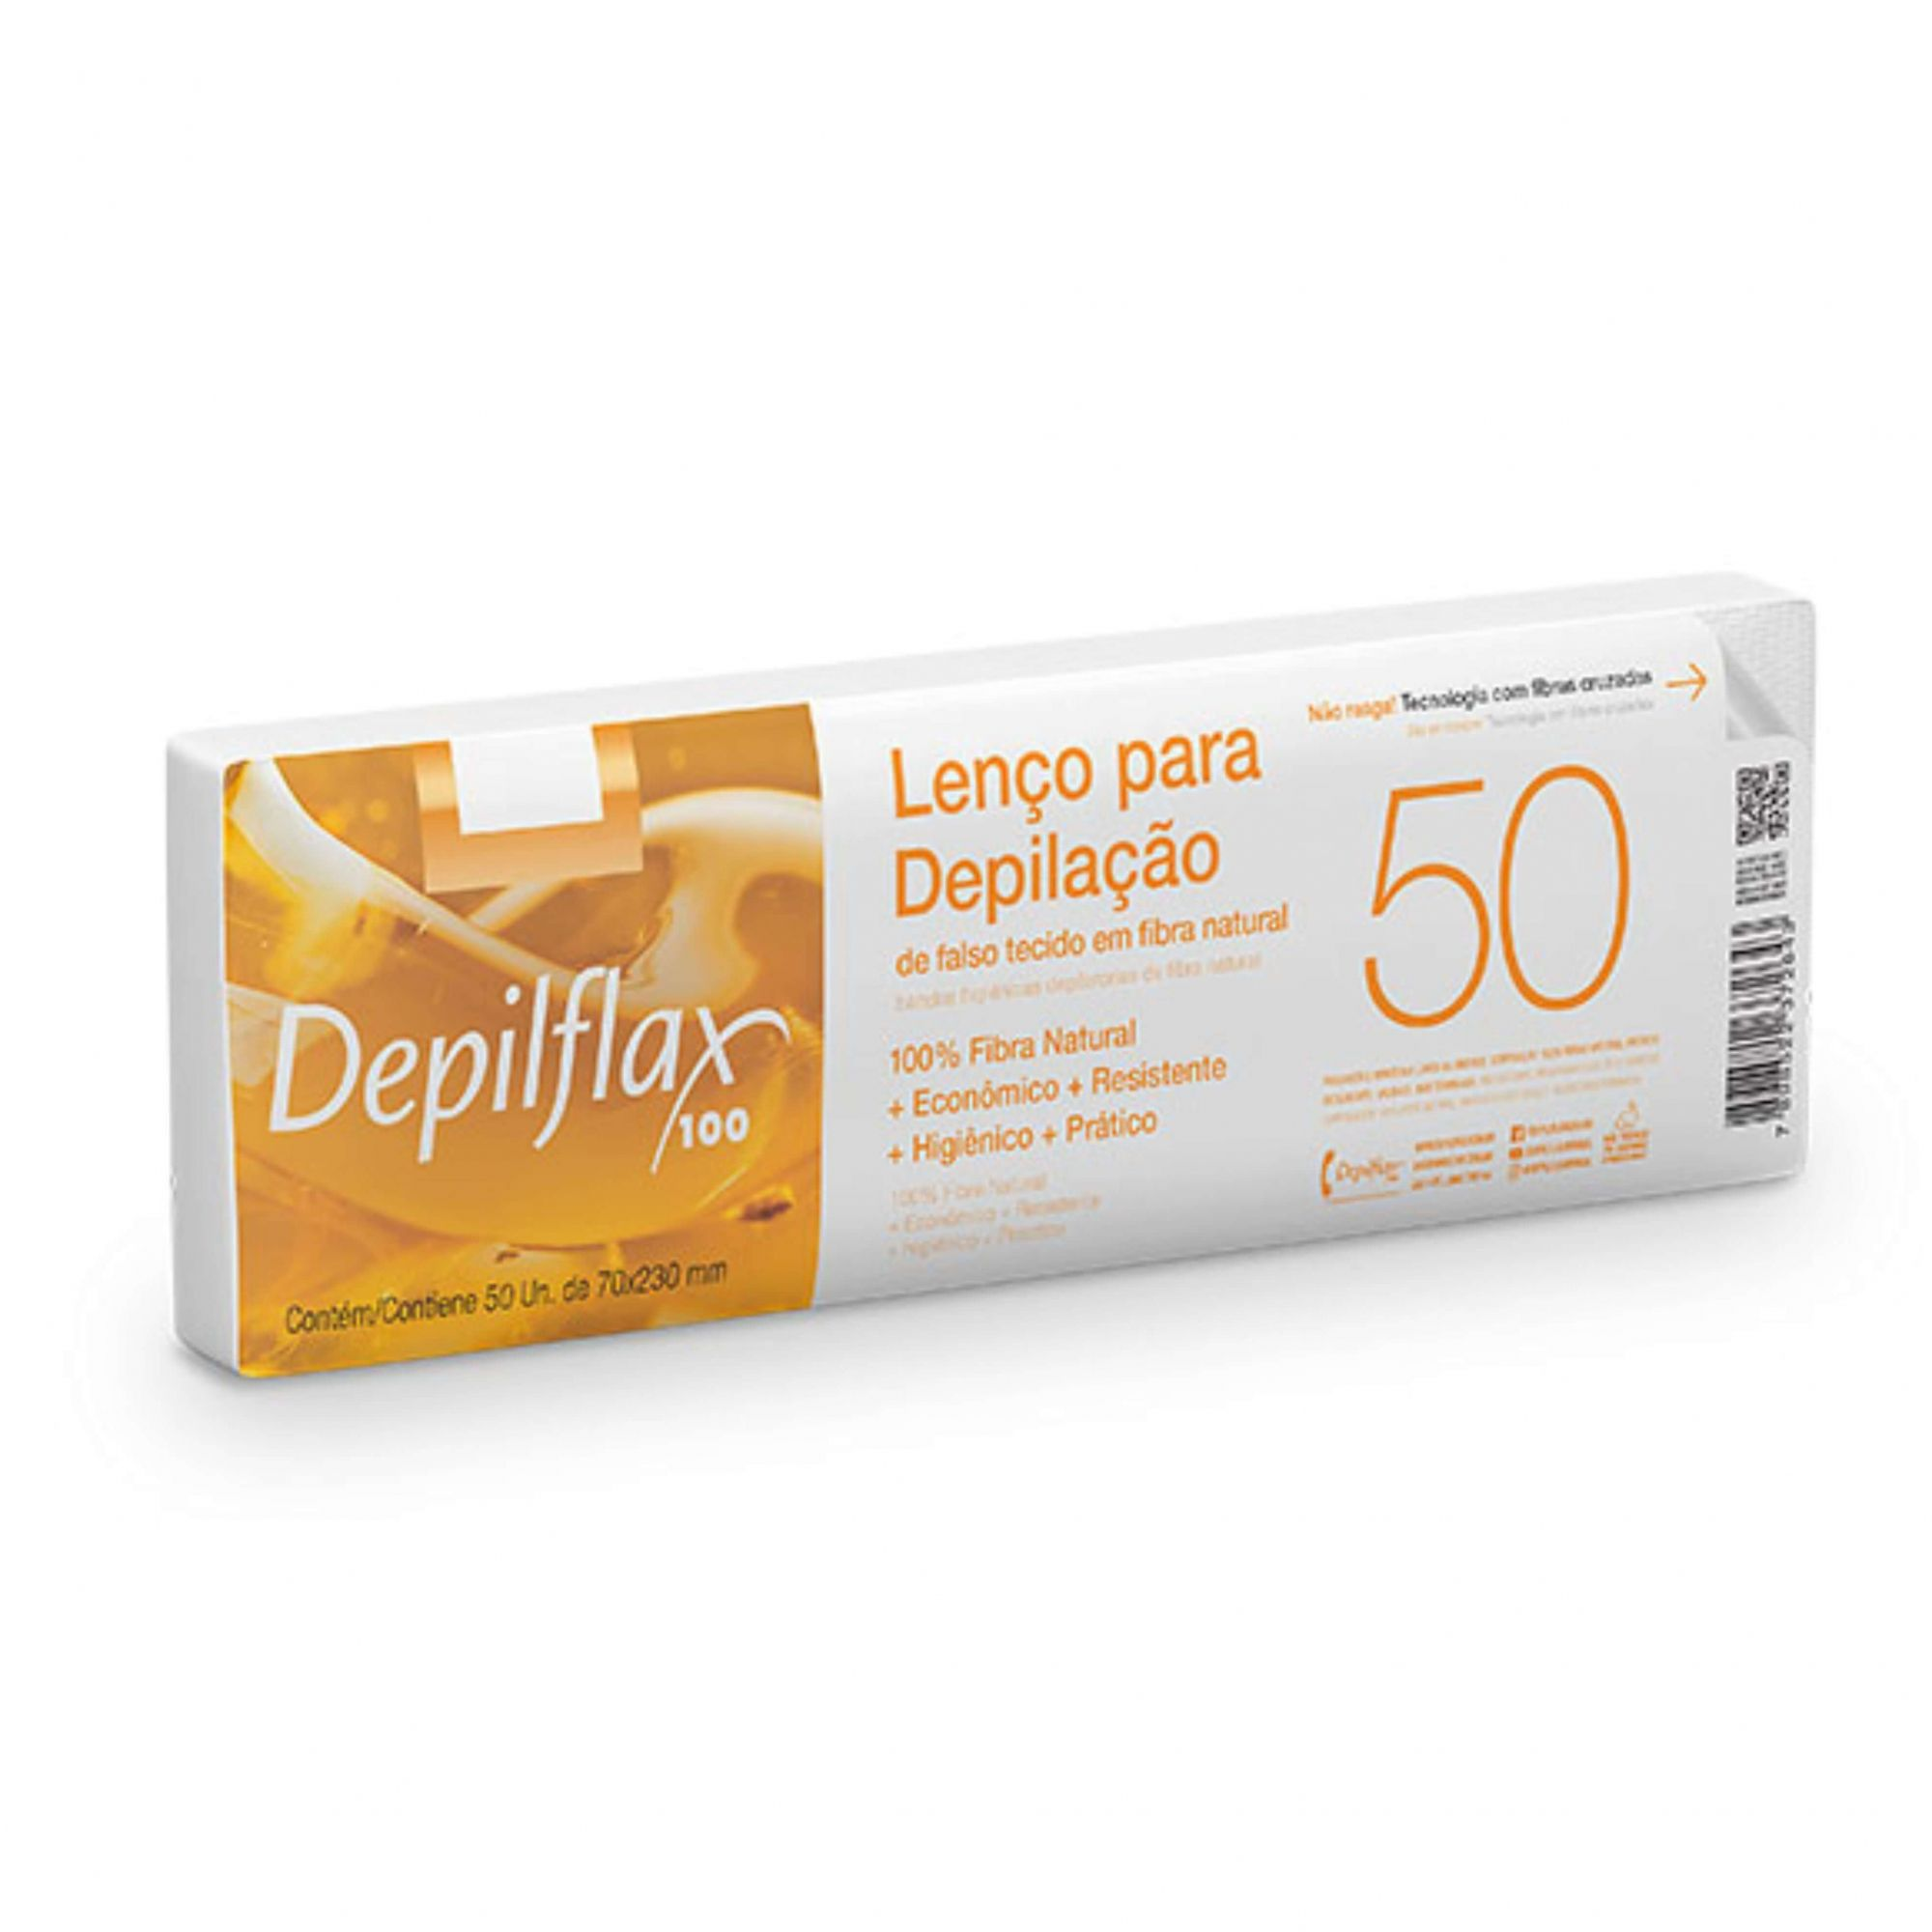 Lenço para Depilação Depilflax c/ 50 unid